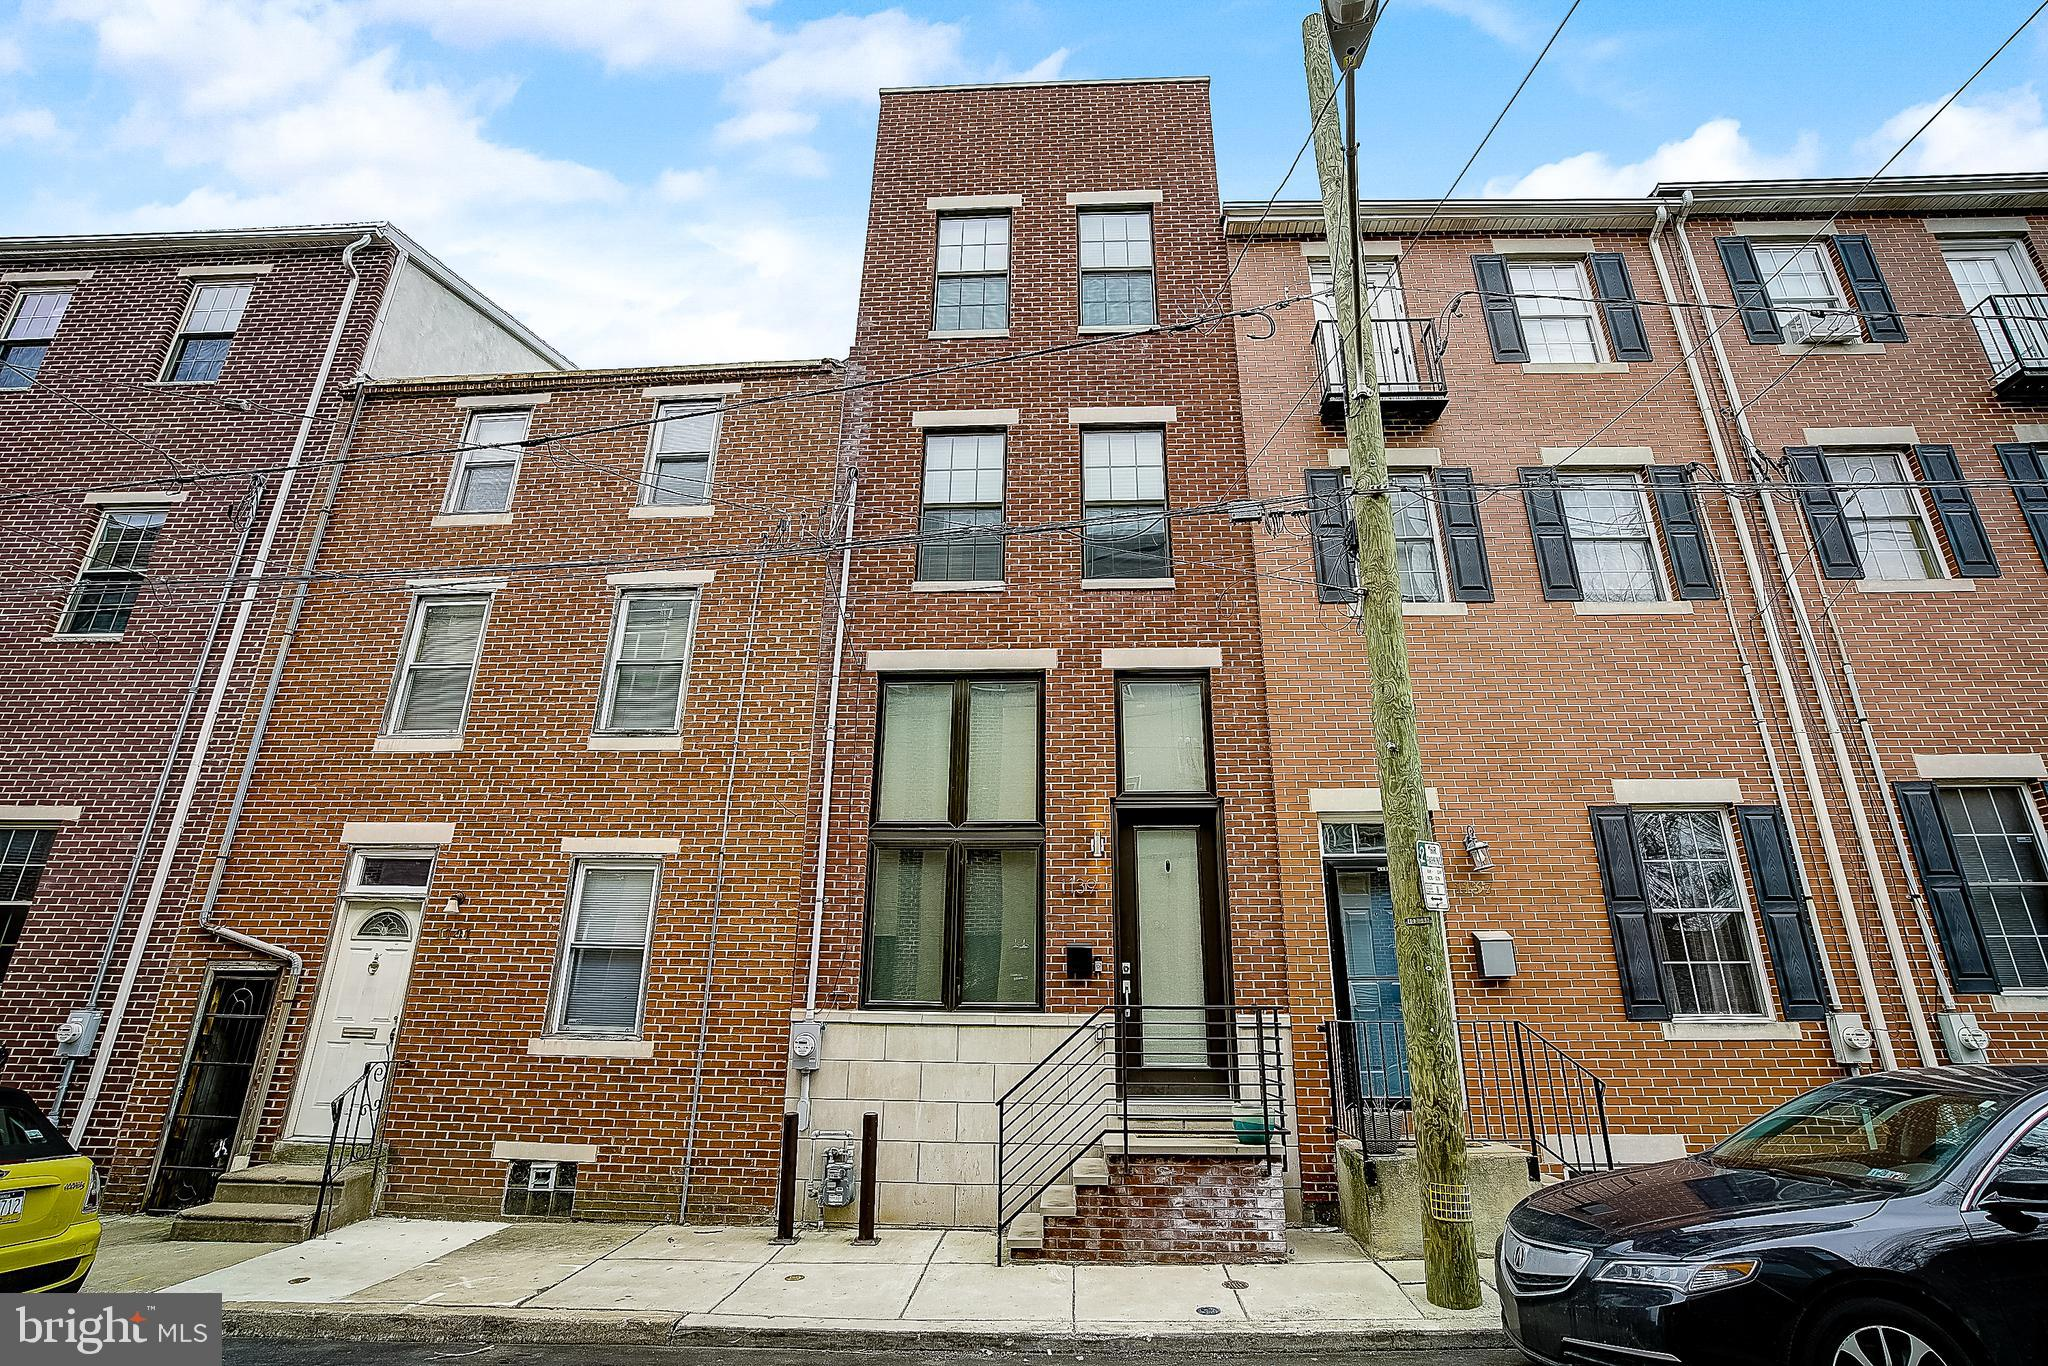 1139 N Orianna St, Philadelphia, PA, 19123